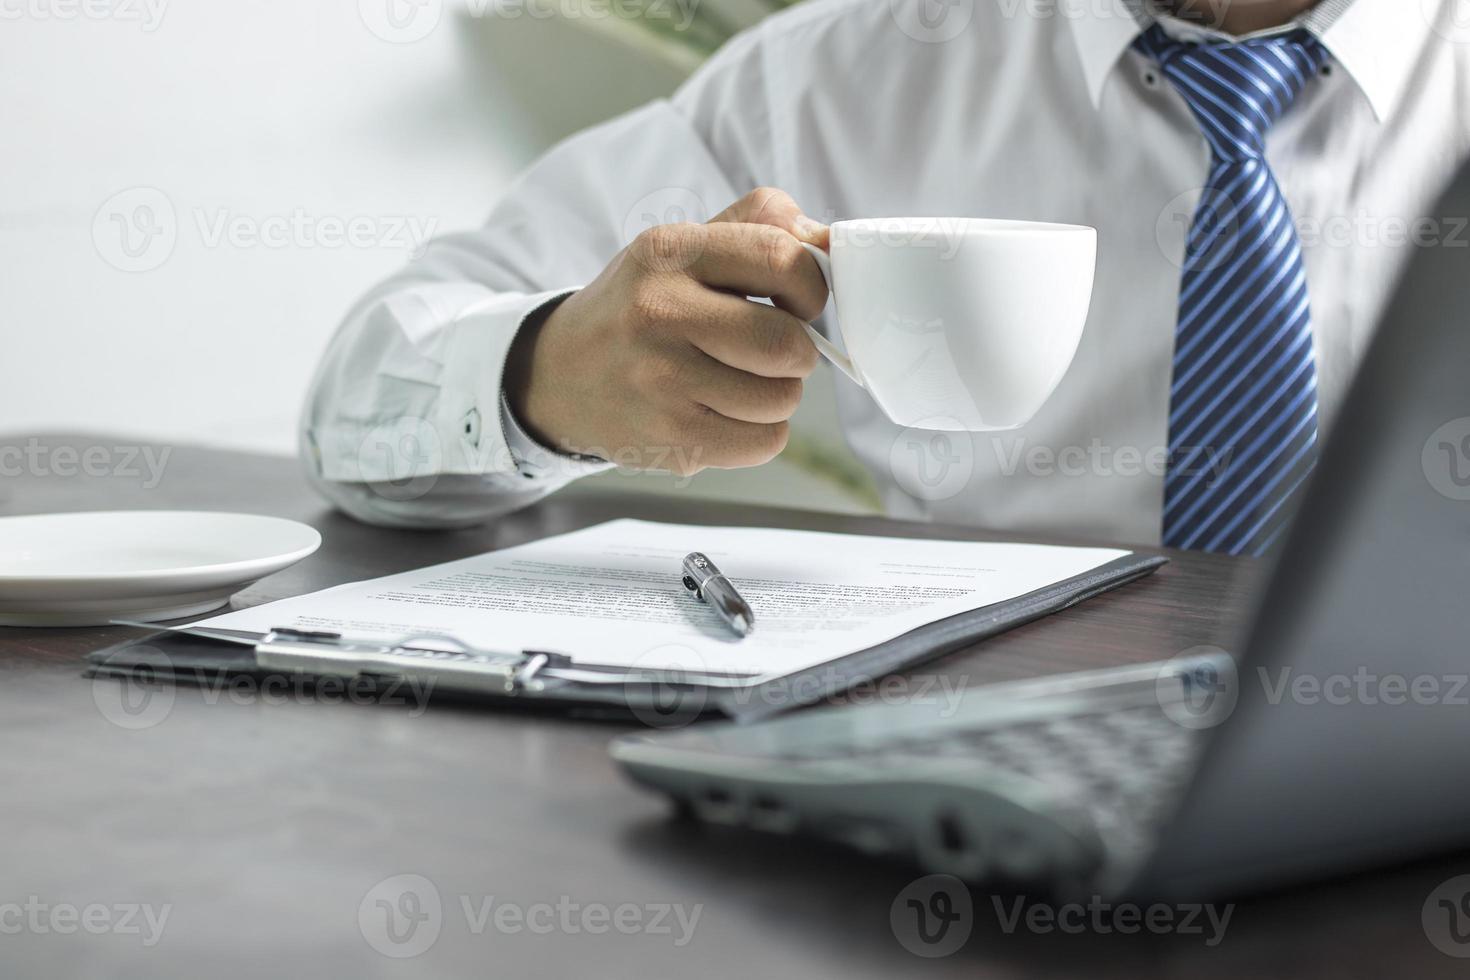 pessoa de gravata segurando uma xícara de café foto